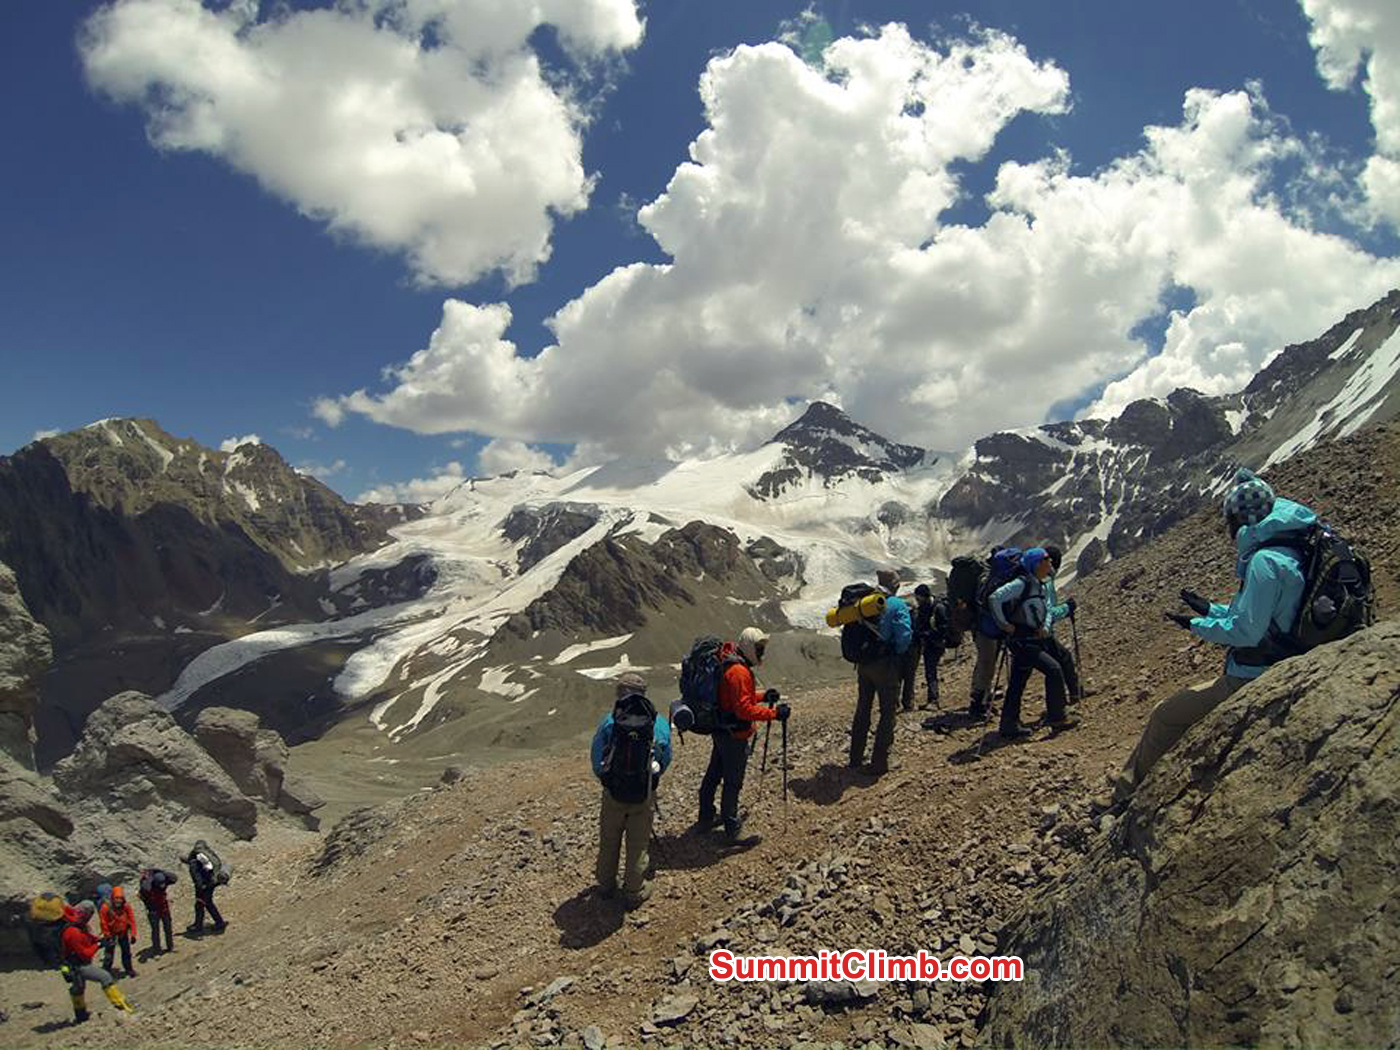 acpmcagua climbing